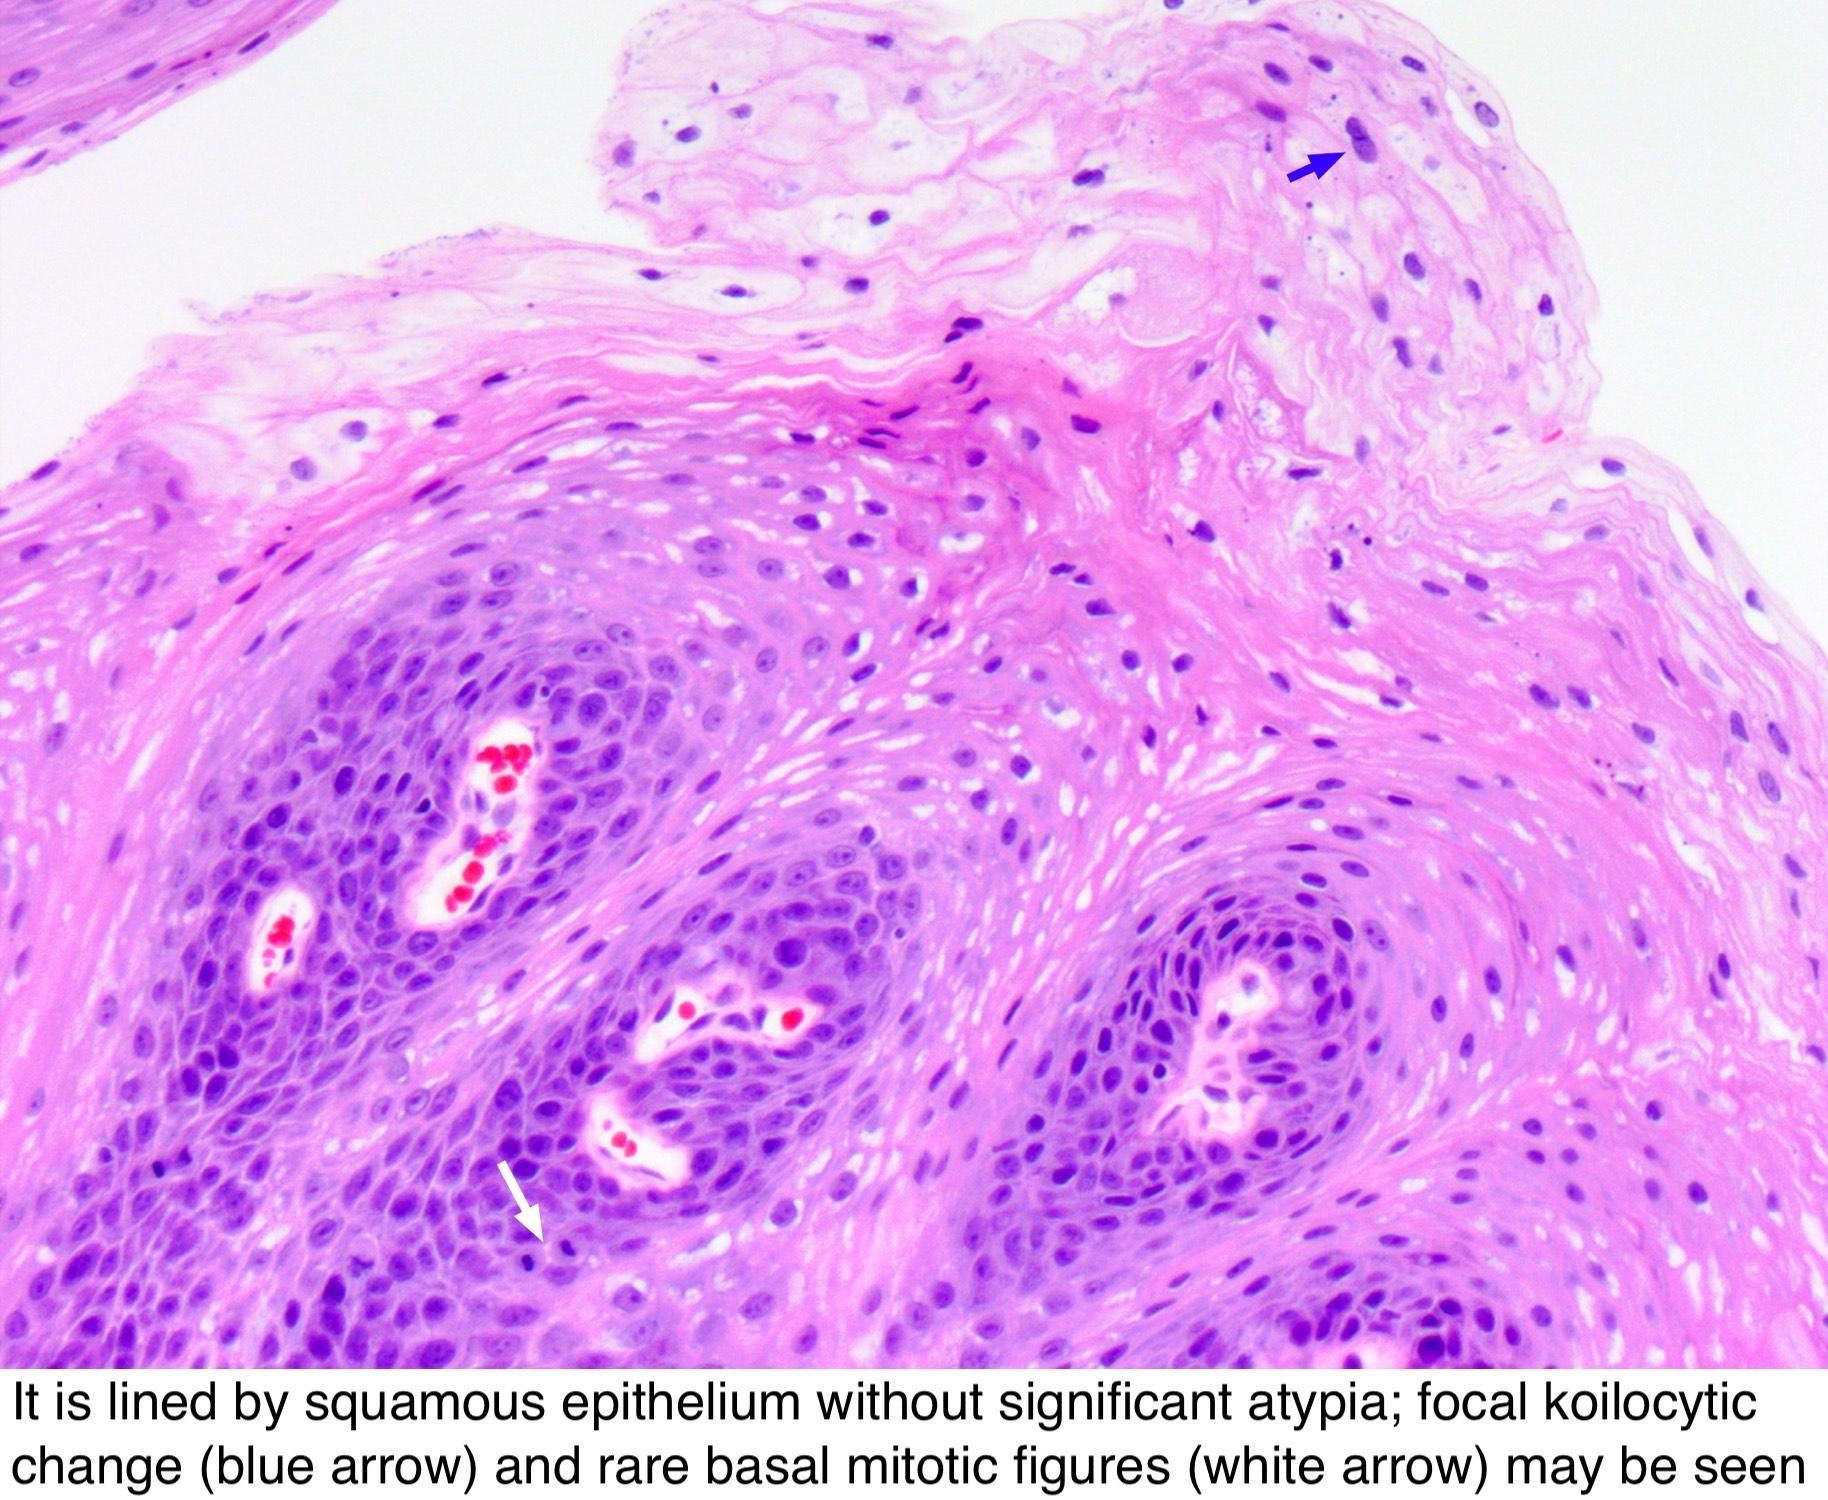 exophytic sinonasal papilloma